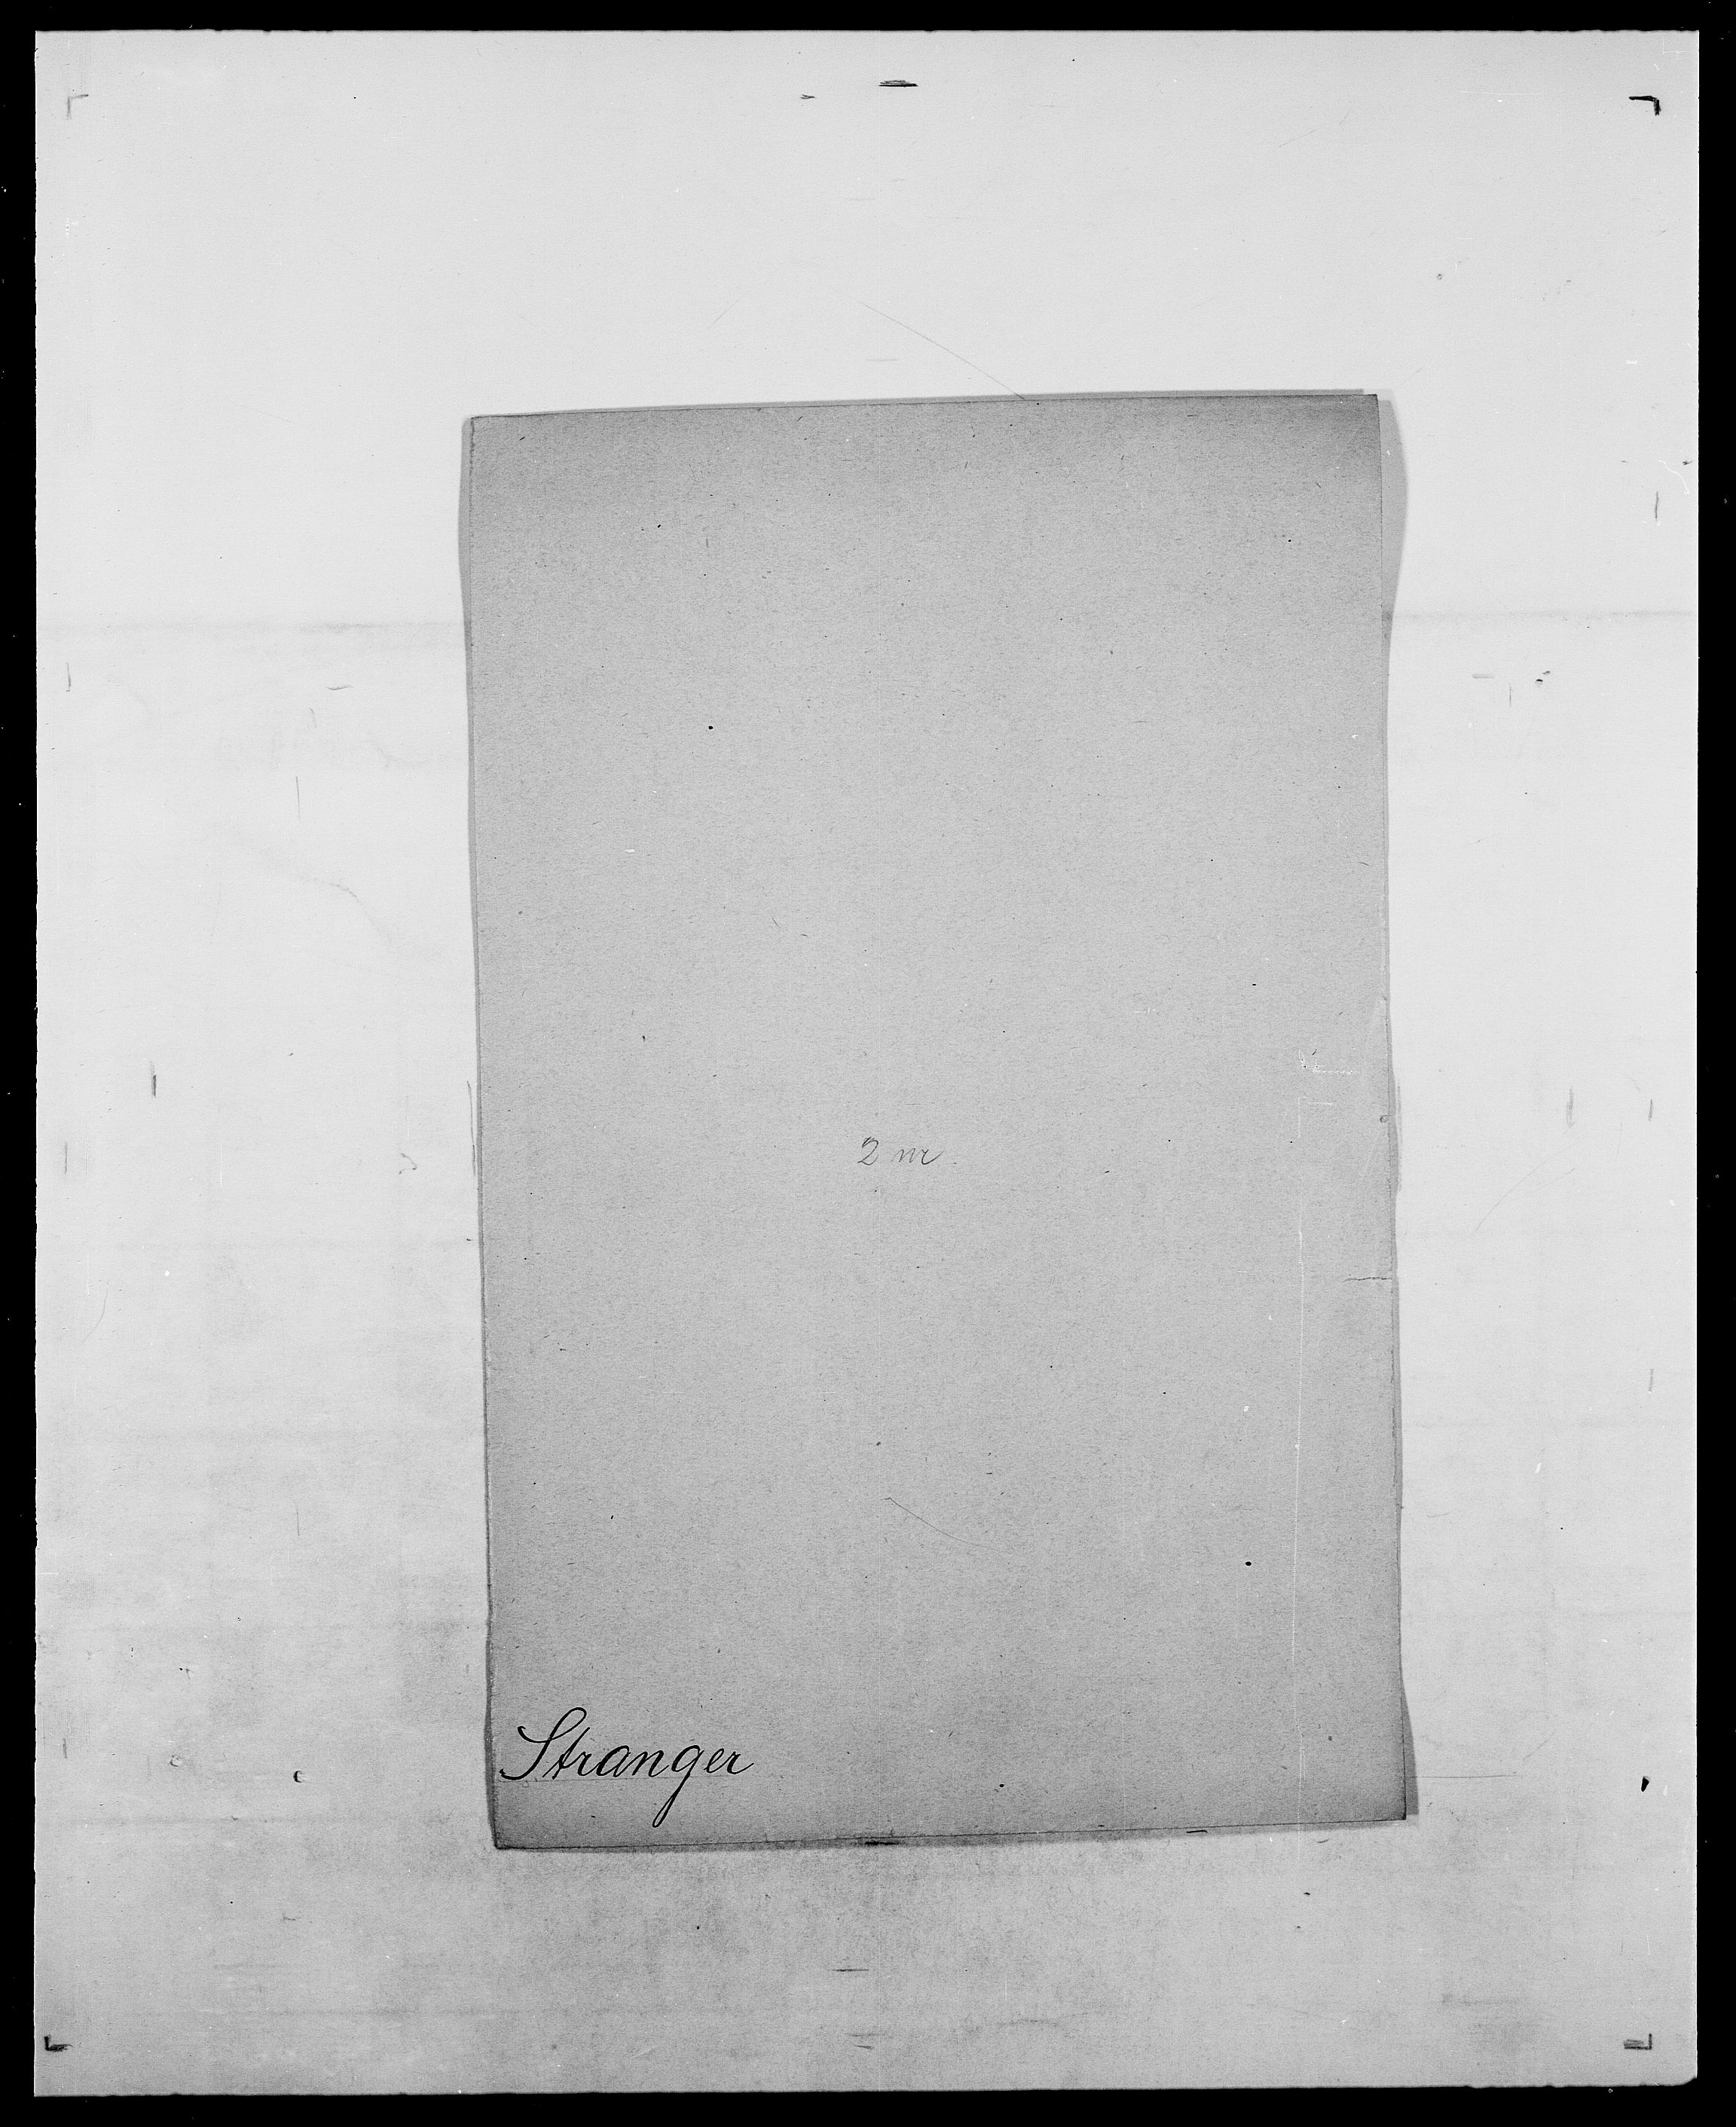 SAO, Delgobe, Charles Antoine - samling, D/Da/L0037: Steen, Sthen, Stein - Svare, Svanige, Svanne, se også Svanning og Schwane, s. 574